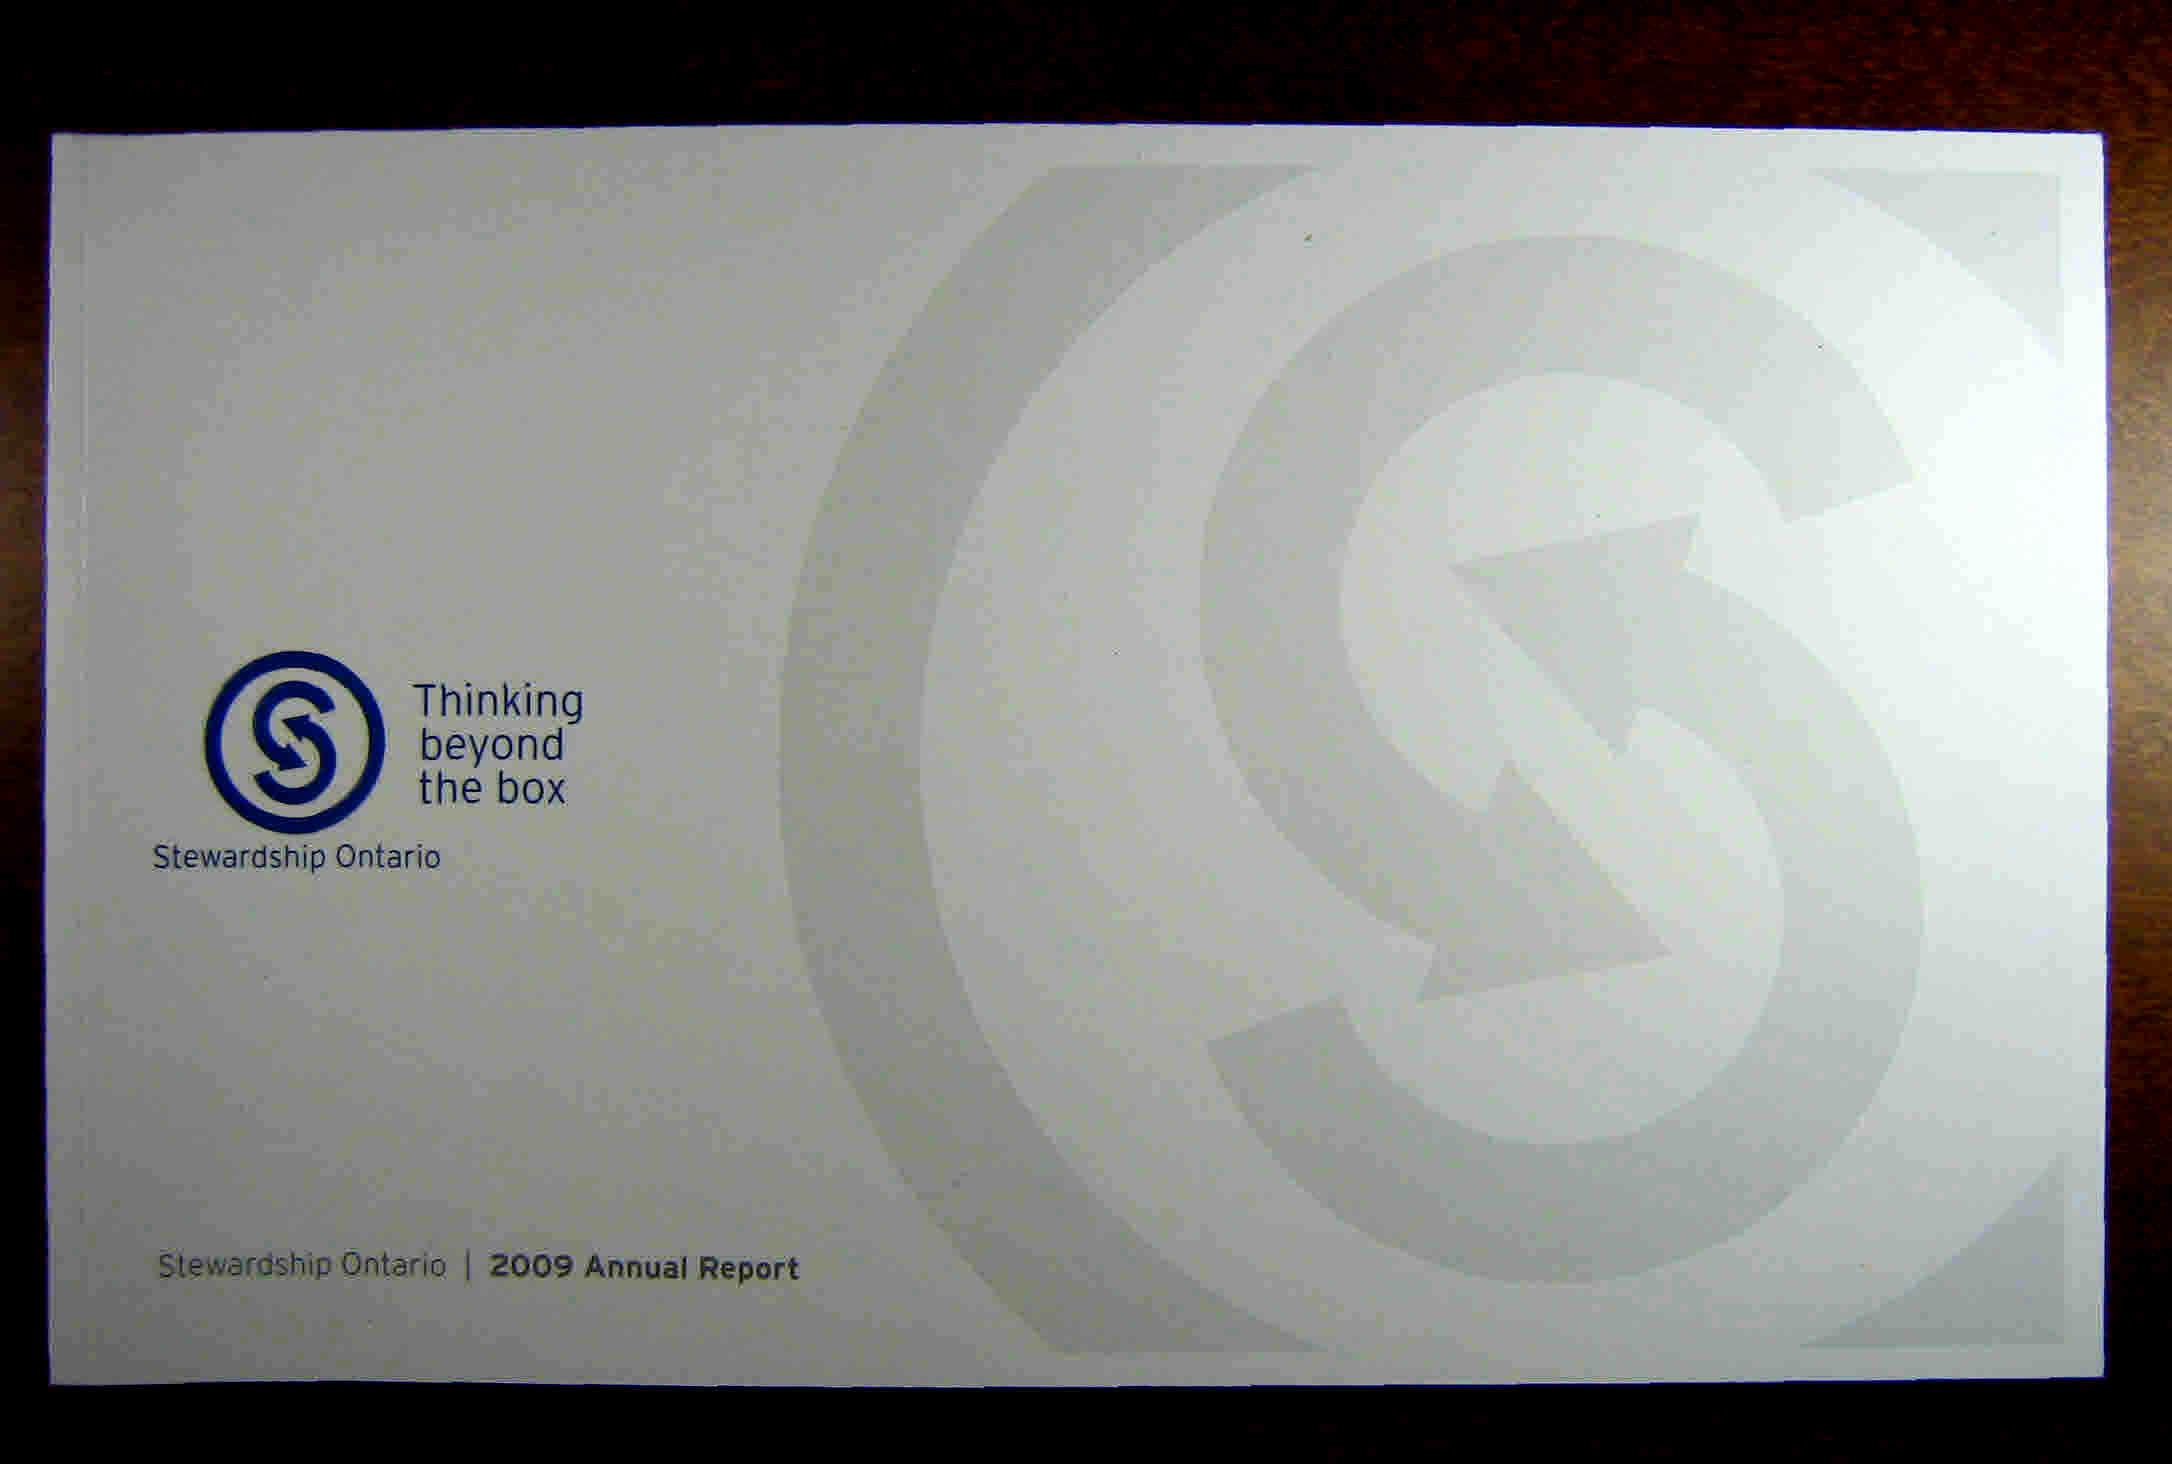 Annual Report Design Awards in Annual Report Design